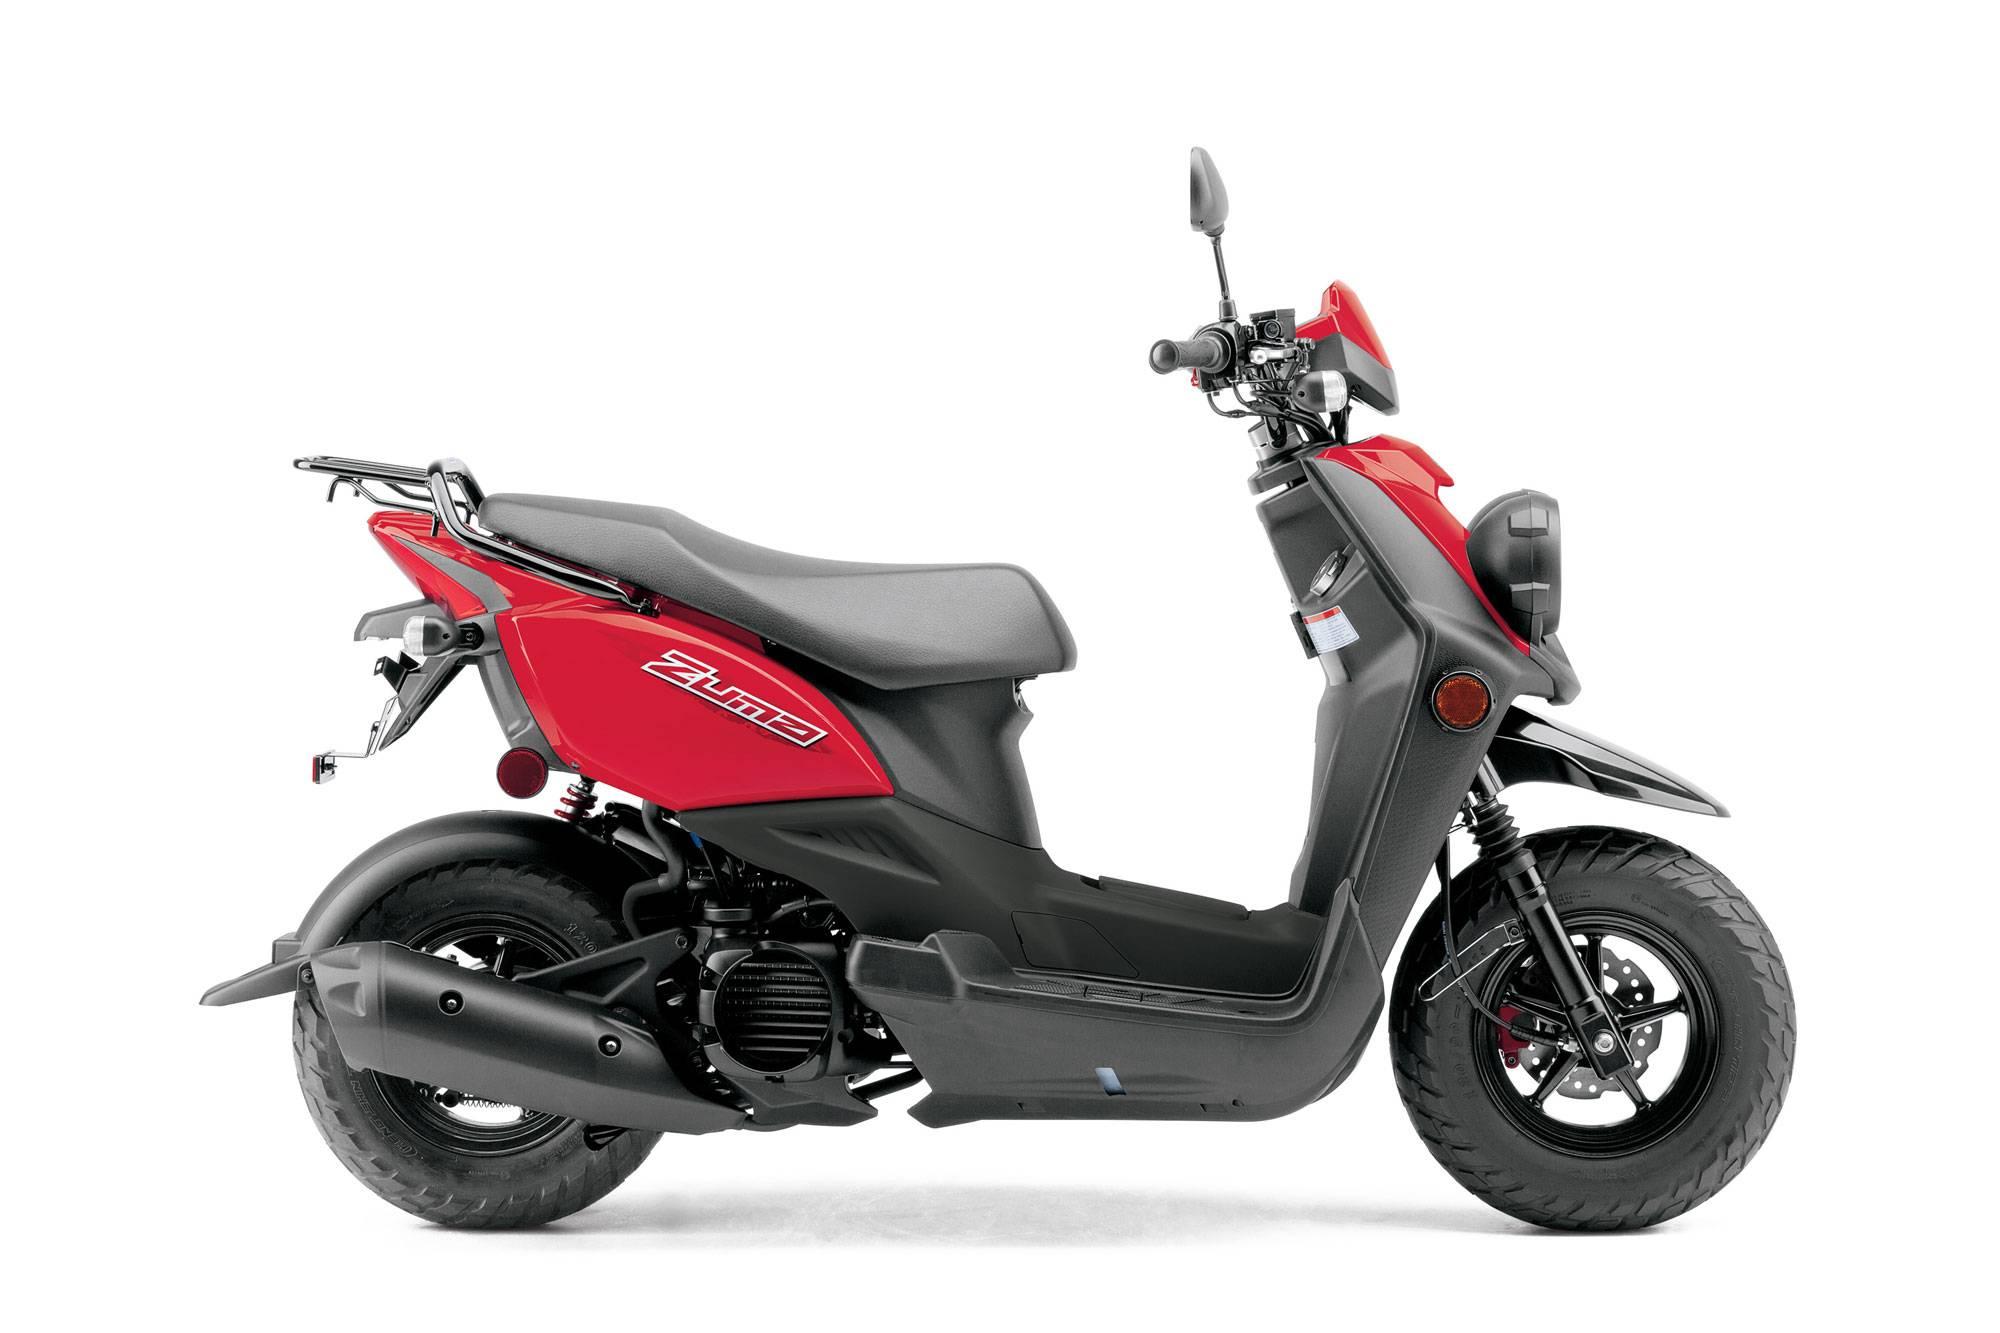 YAMAHA 2013 Zuma 50F Scooter Motorcycle